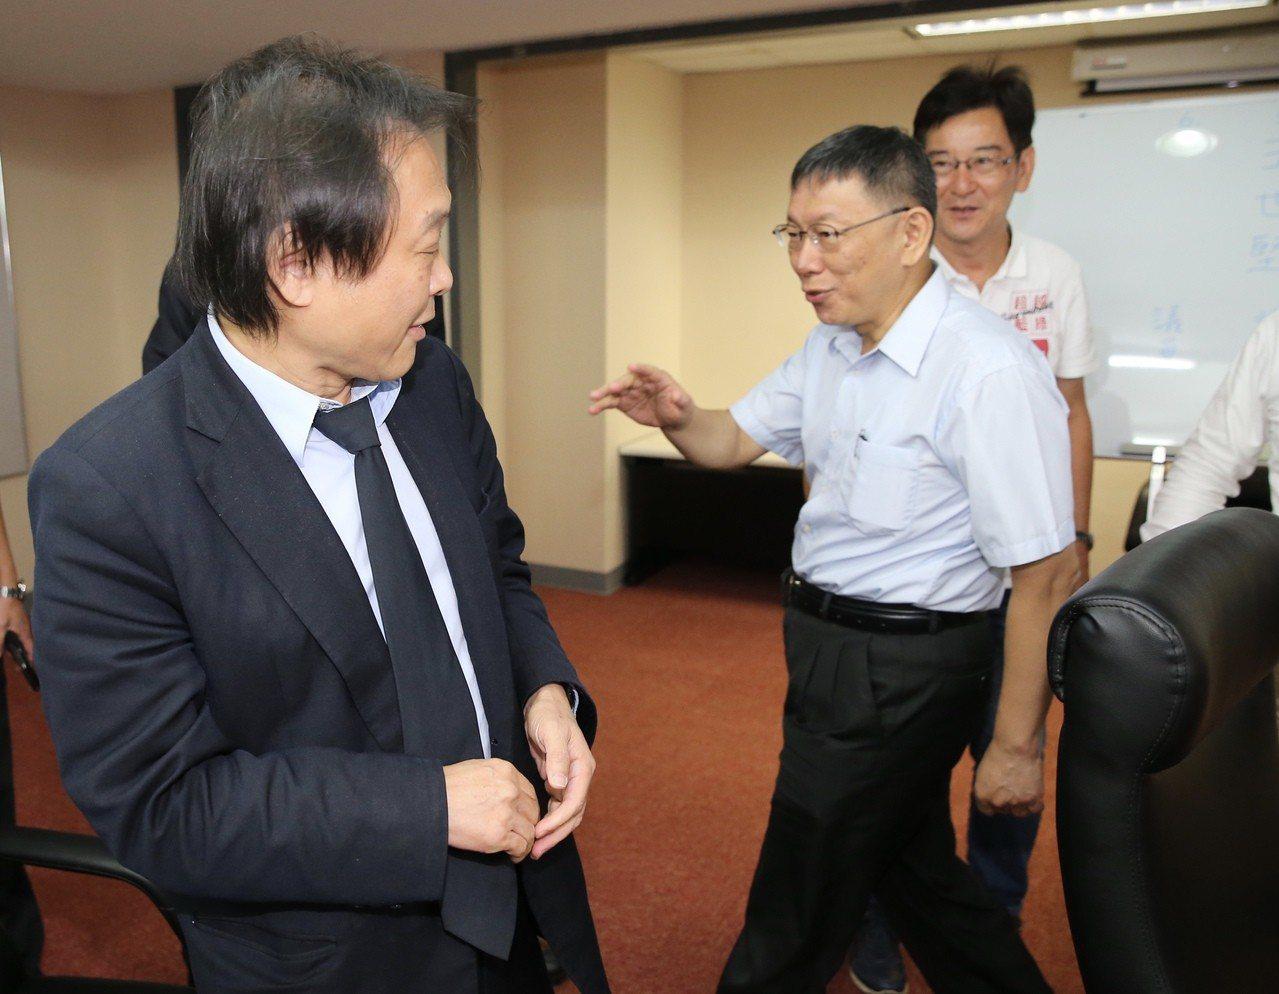 台北市長柯文哲(右)前往議會拜會議員時「巧遇」議員王世堅(左),柯揮了揮手直說「...